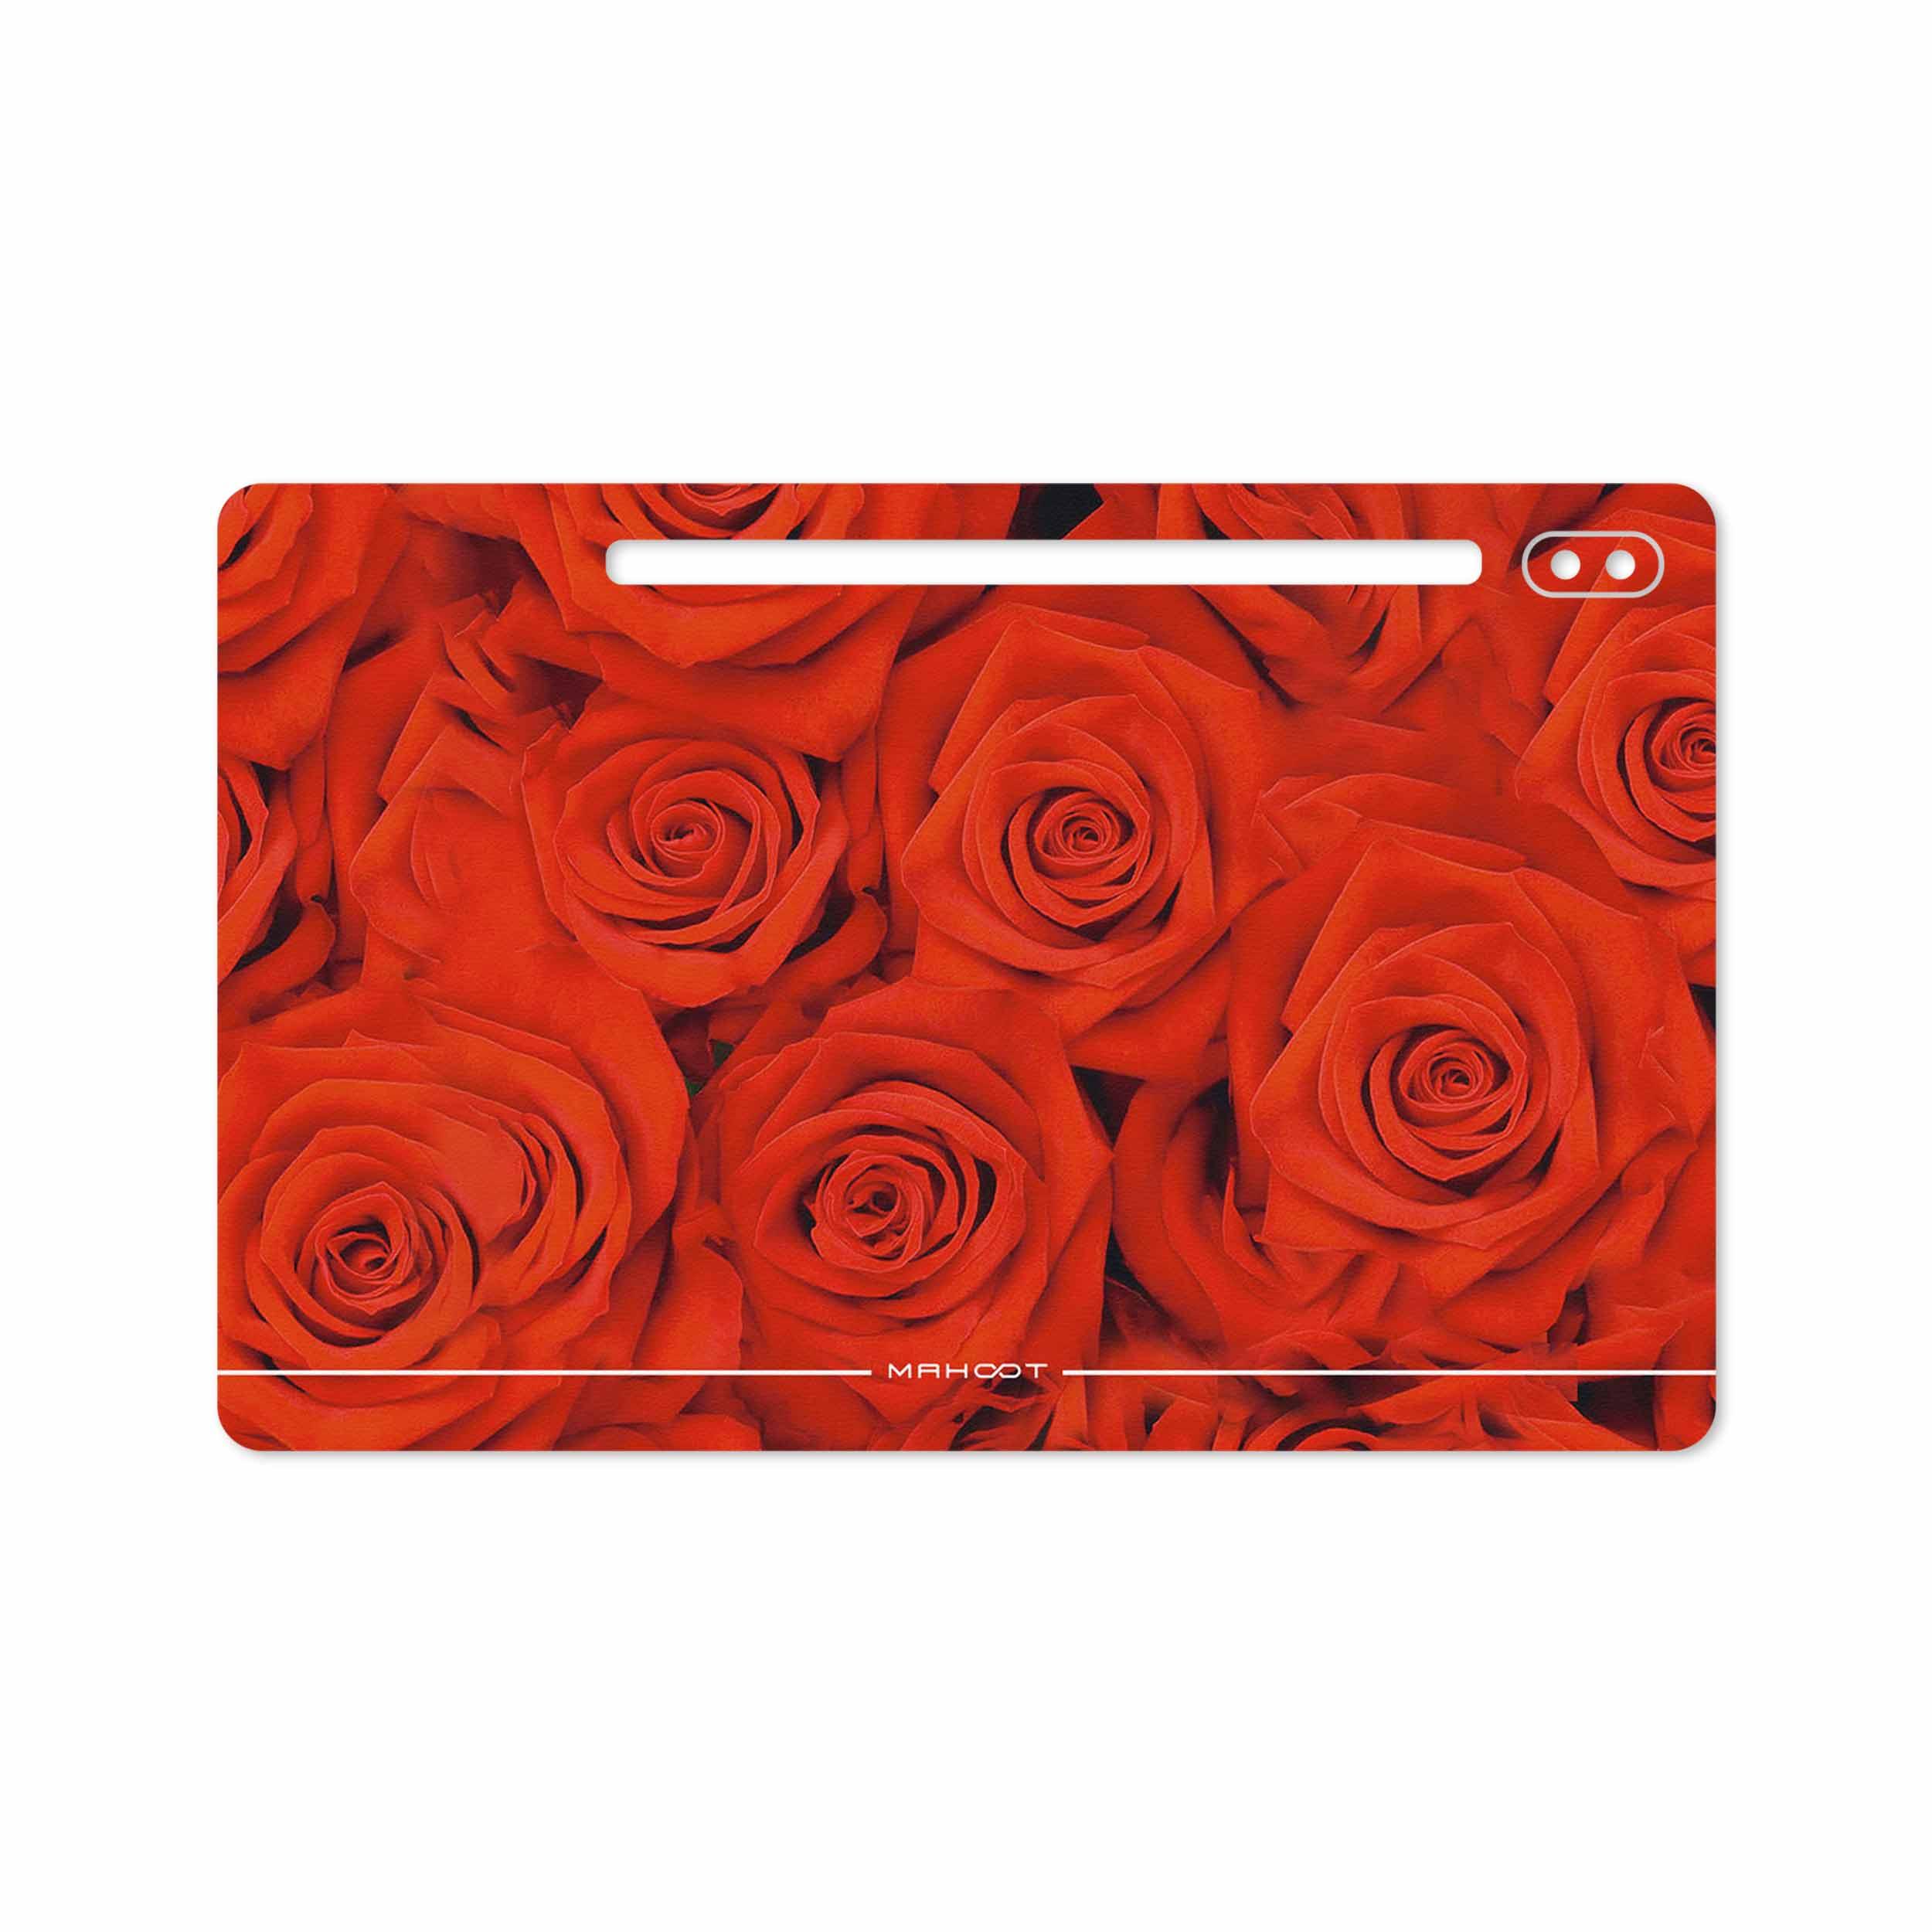 بررسی و خرید [با تخفیف]                                     برچسب پوششی ماهوت مدل Red-Flower مناسب برای تبلت سامسونگ Galaxy Tab S6 2019 SM-T865                             اورجینال